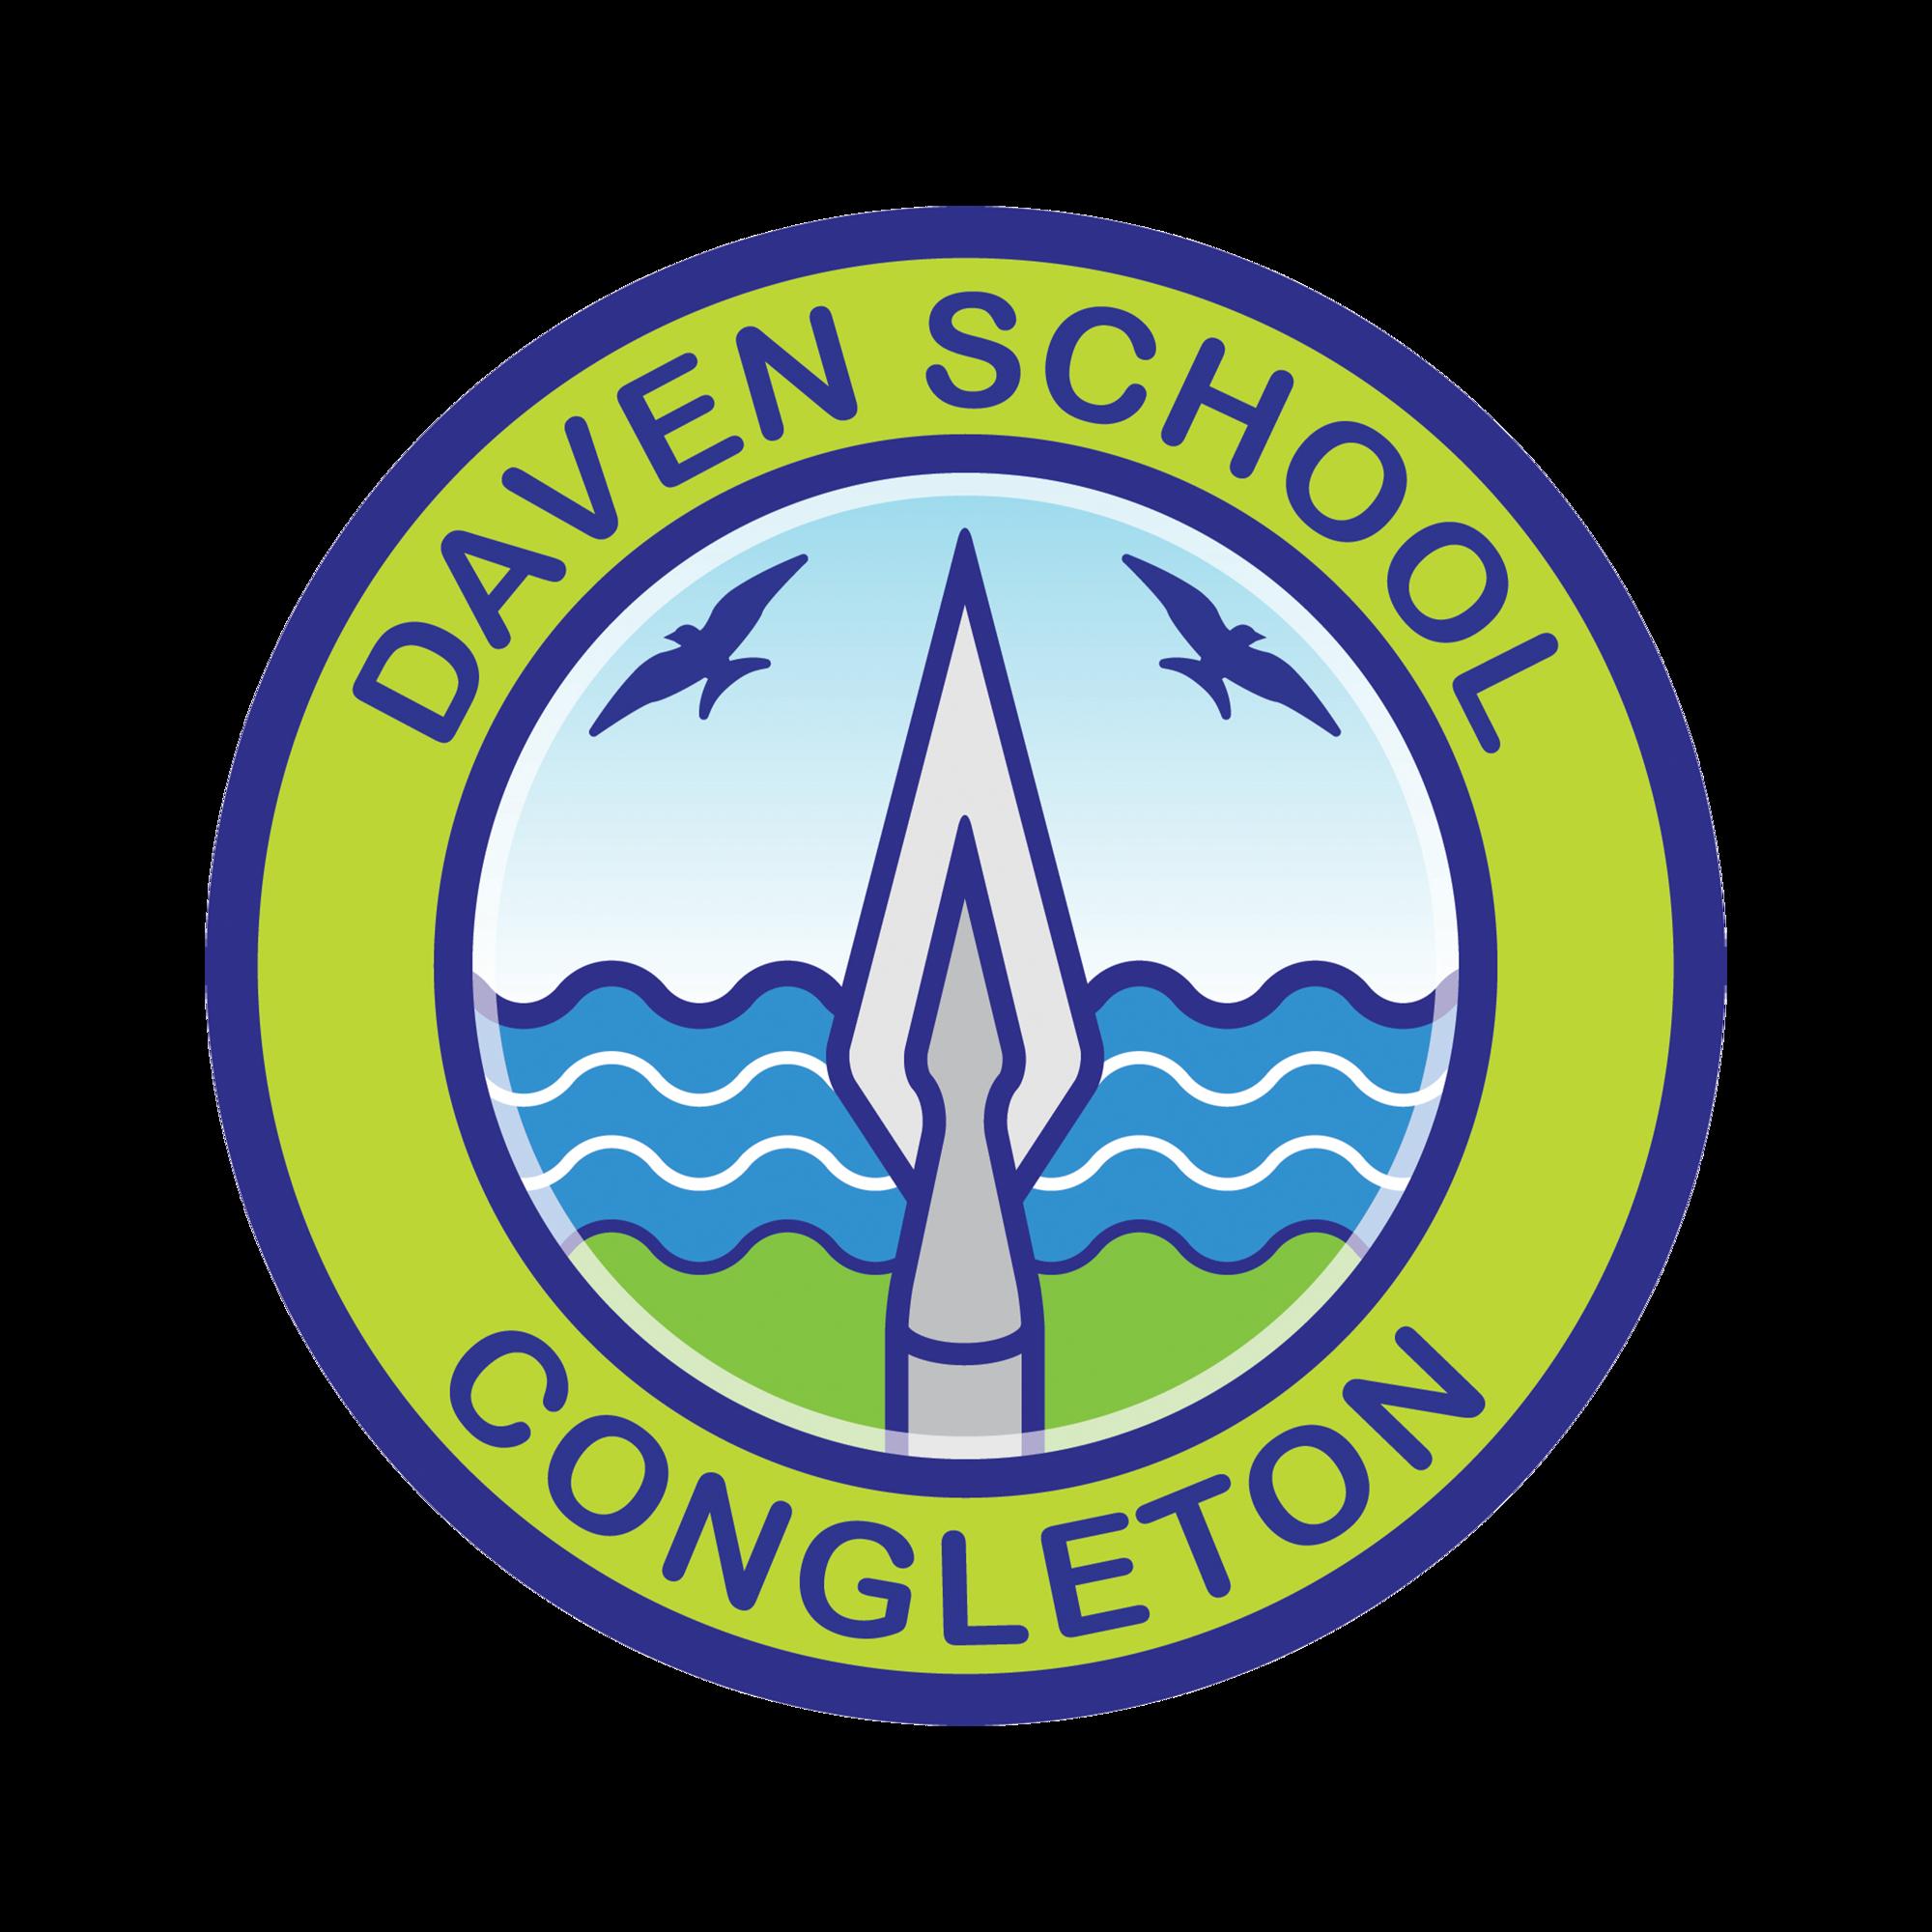 Daven Primary School